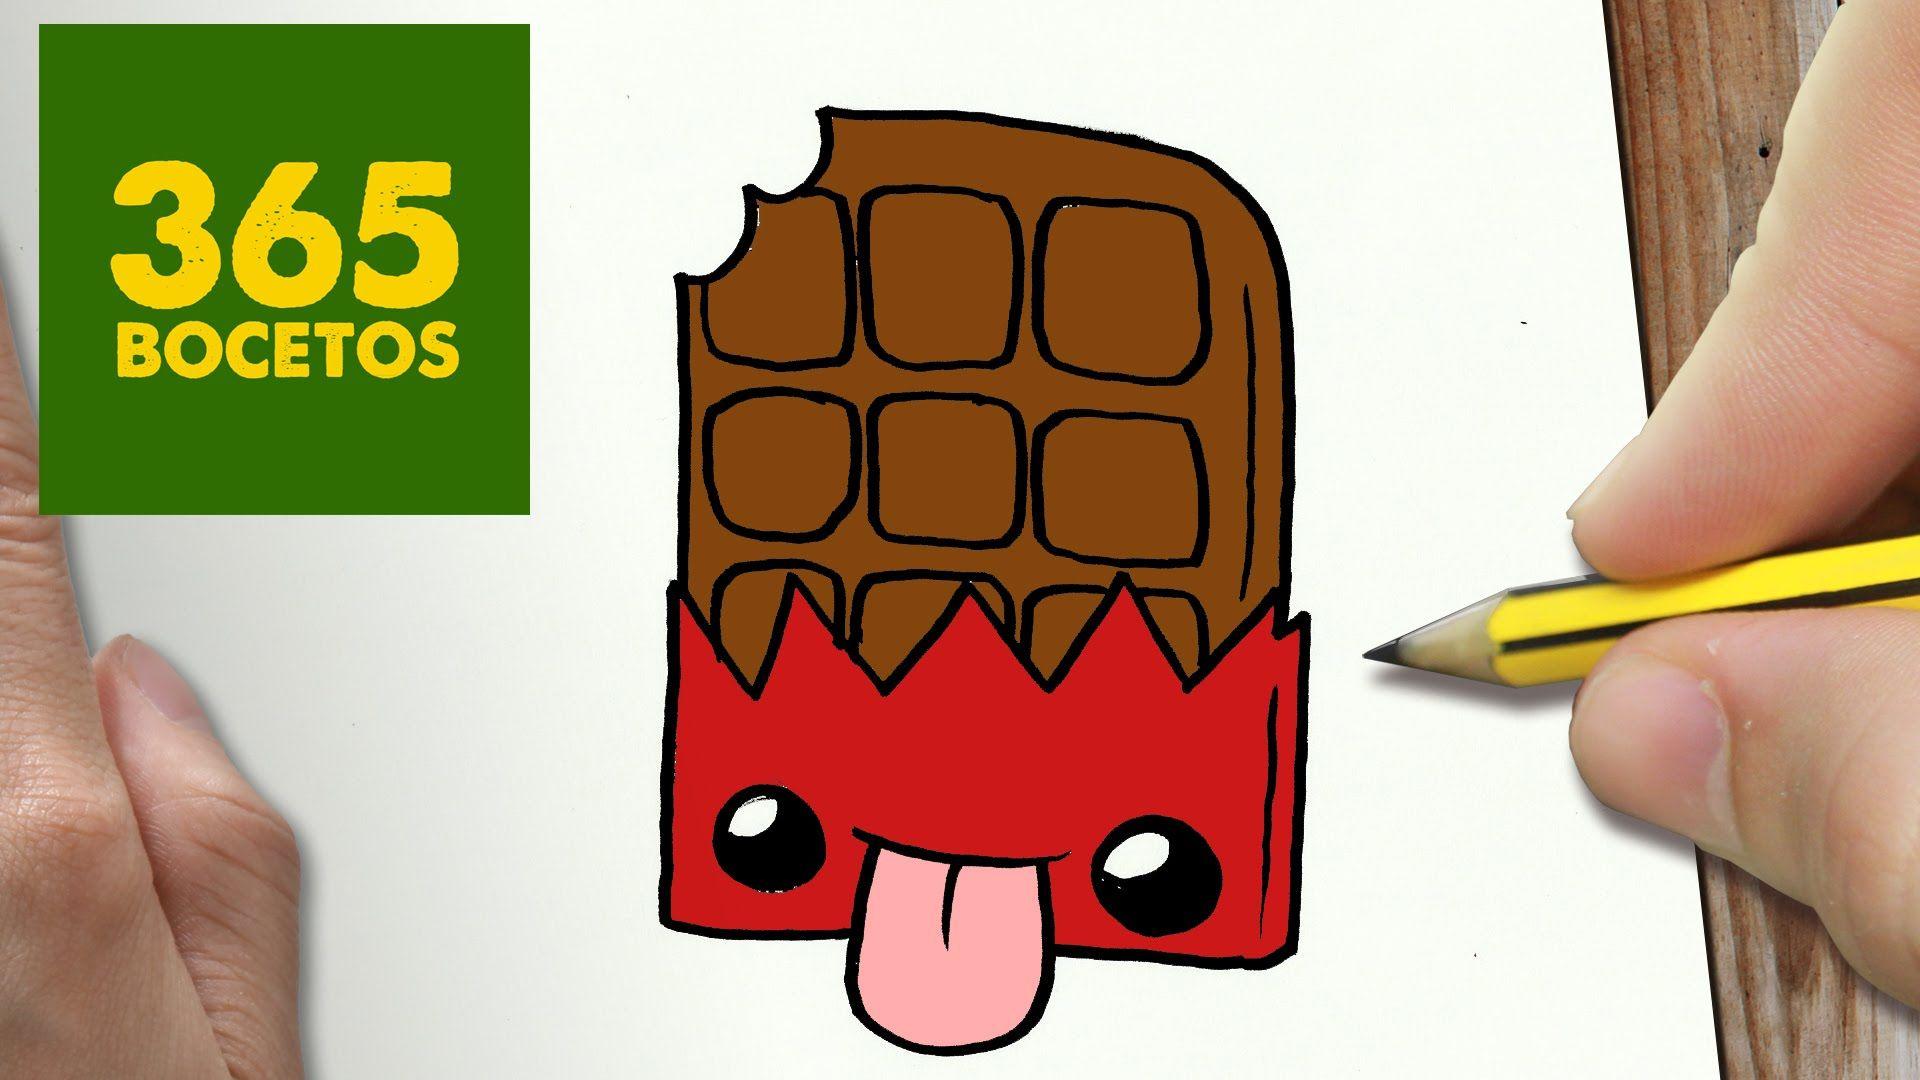 365bocetos Chocolate Buscar Con Google Dessin Dibujos Kawaii